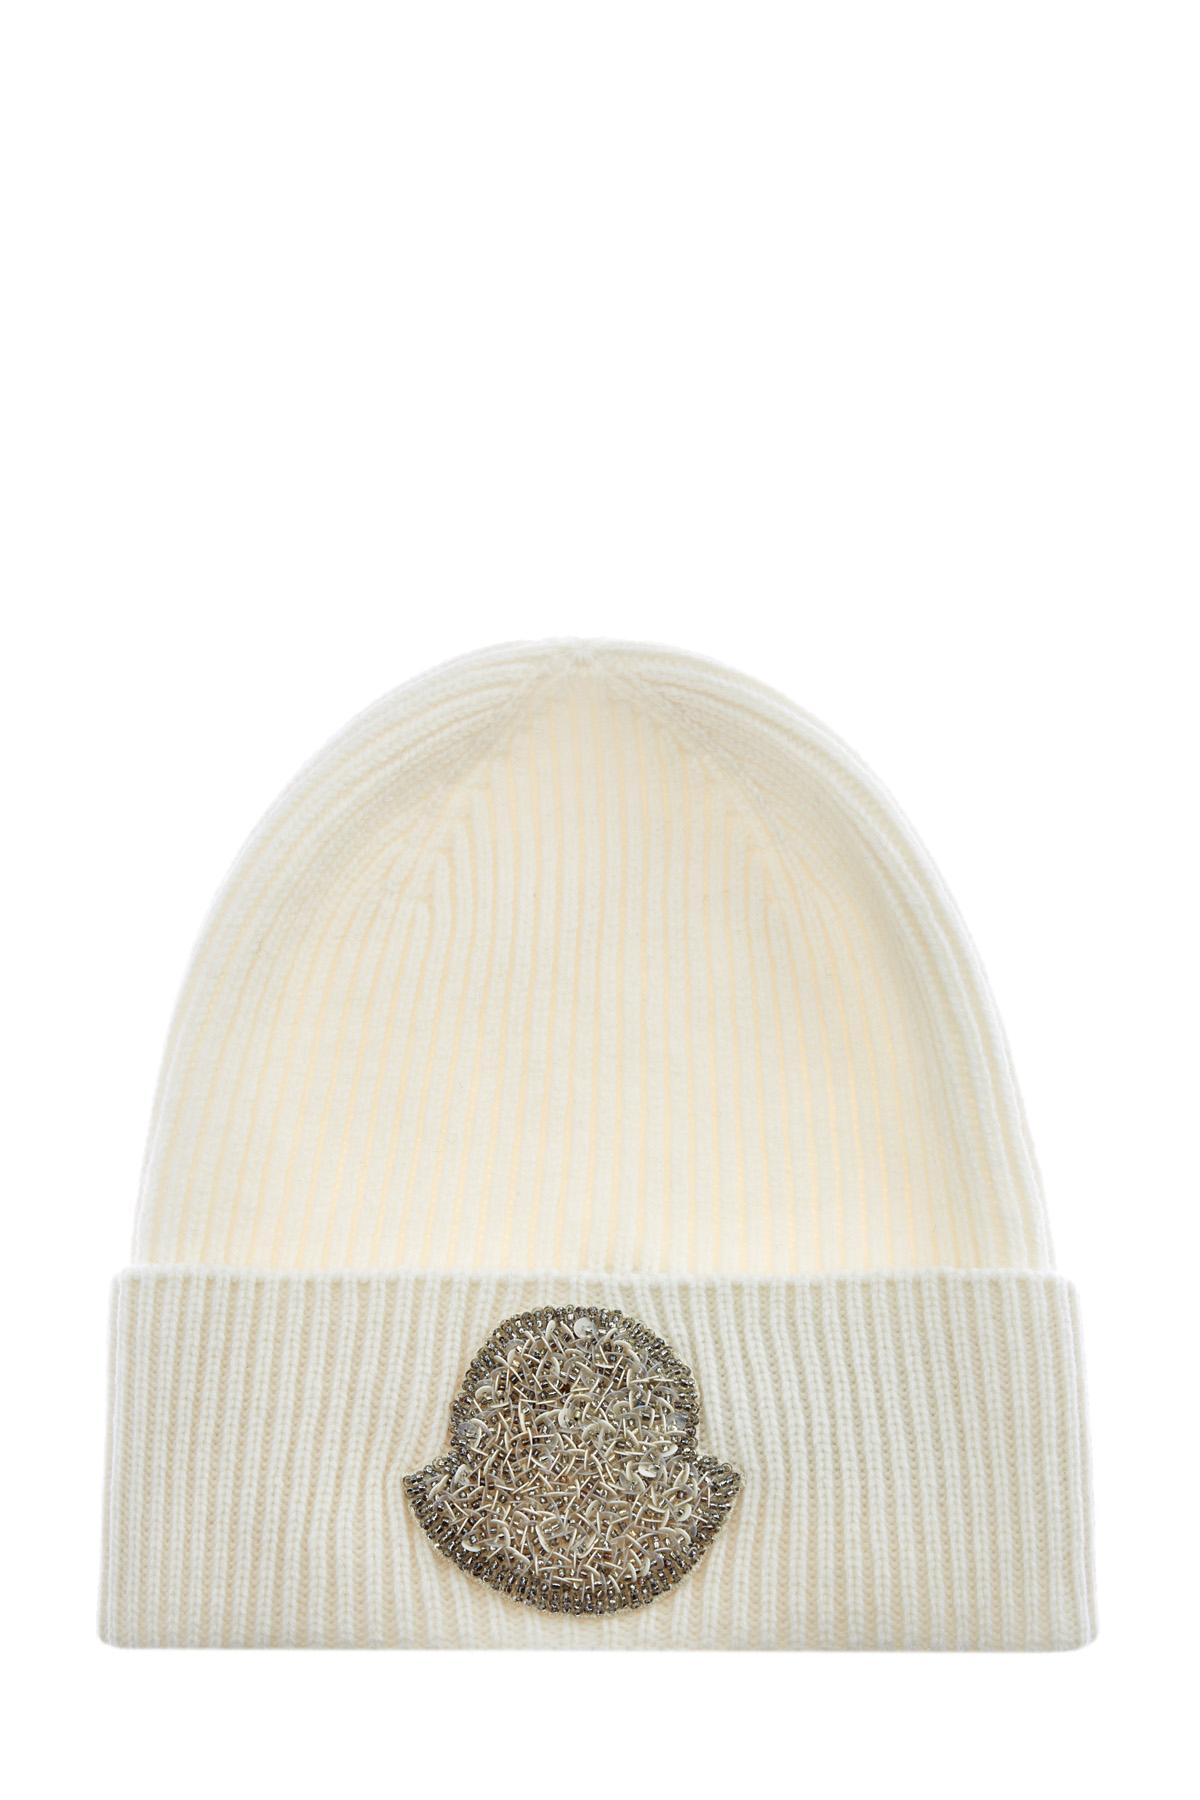 Шерстяная шапка с волокнами кашемира и вышивкой пайетками фото